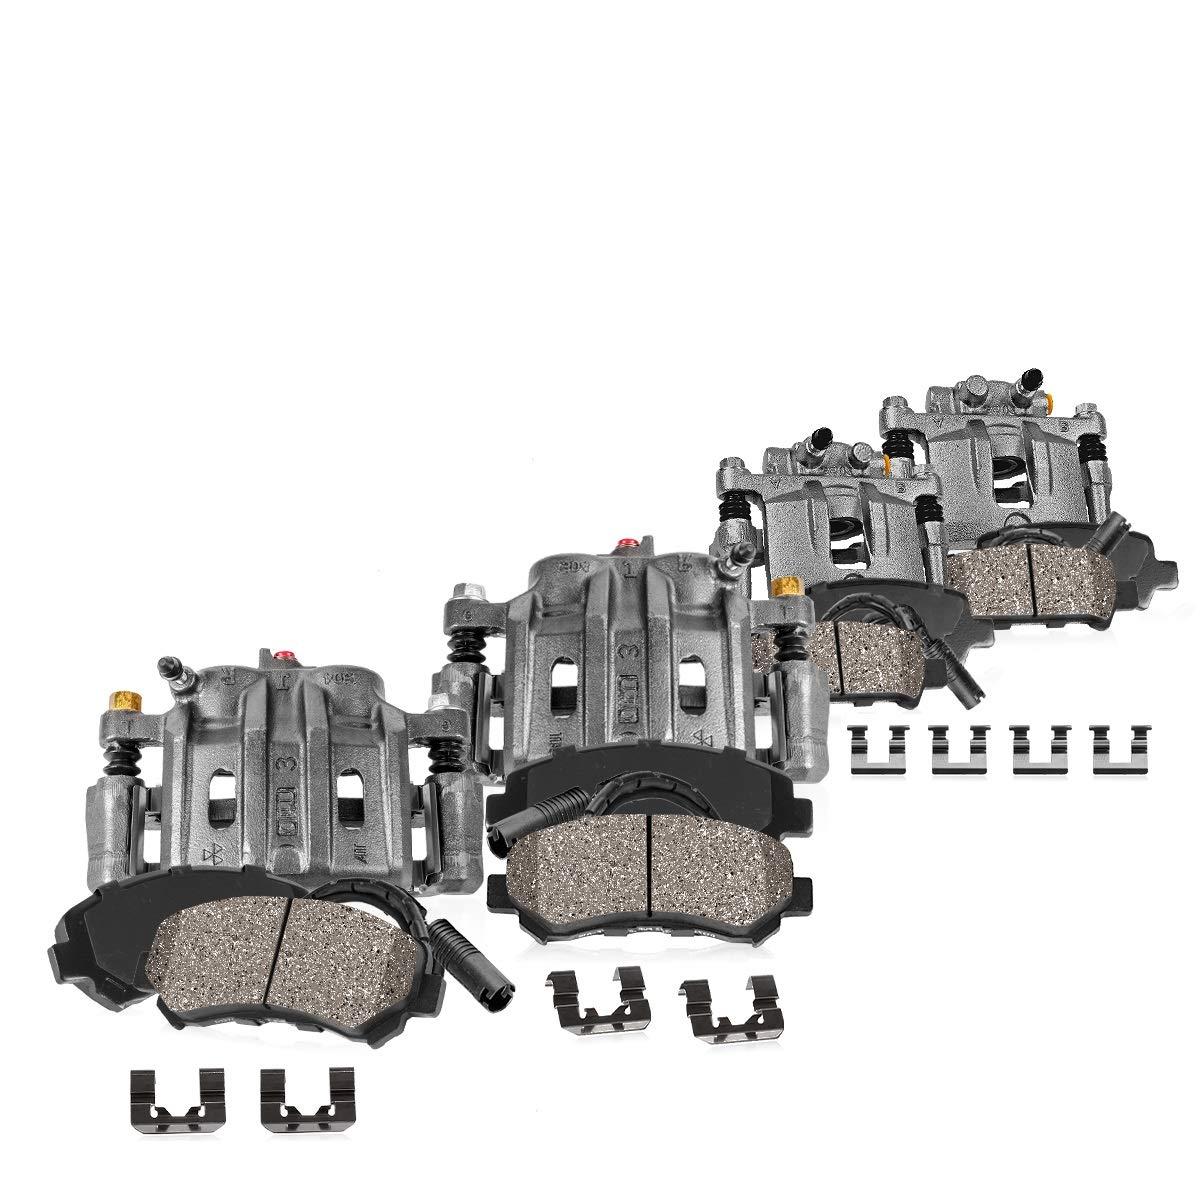 Clips 4 Ceramic Pads for BMW 328i xDrive FRONT+REAR Premium Original Brake Calipers Callahan CCK04615 Sensors